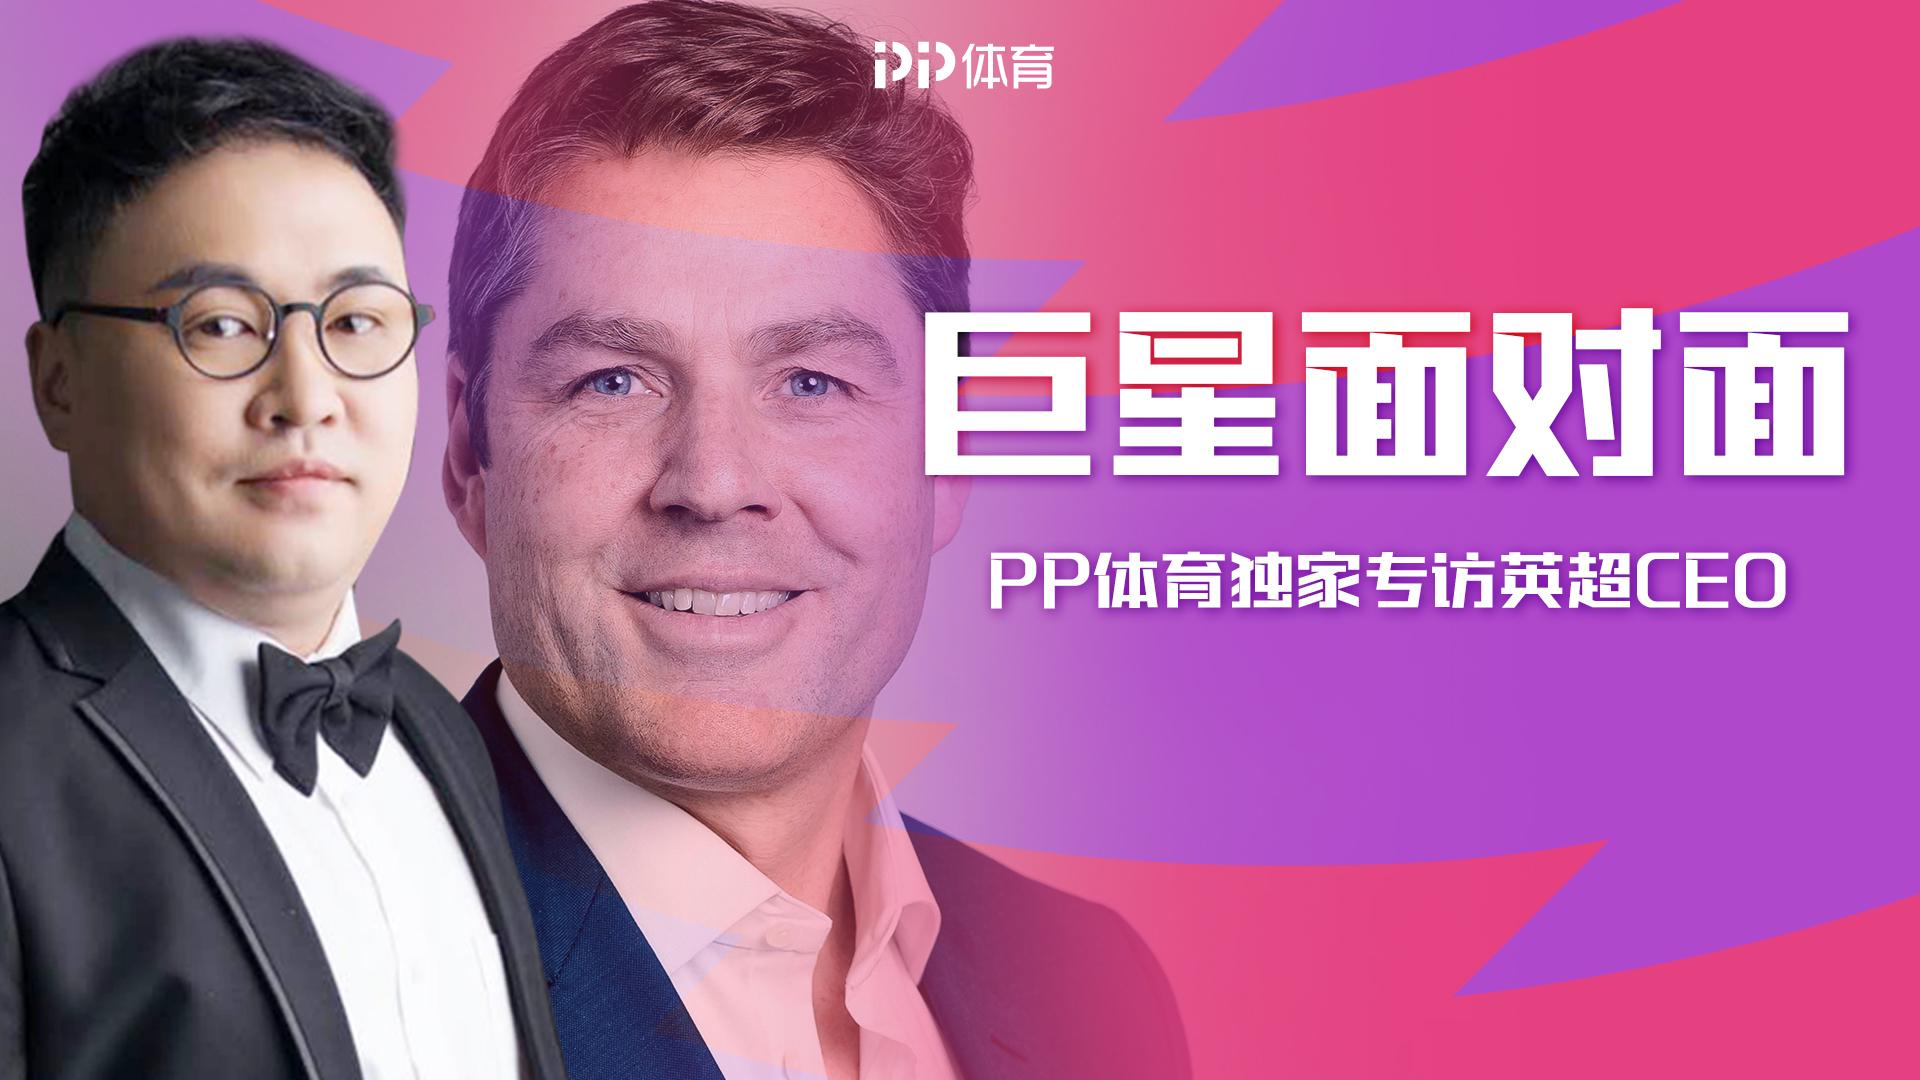 【独家】刘焕专访英超CEO:期待足球完美归来 从德甲学到经验